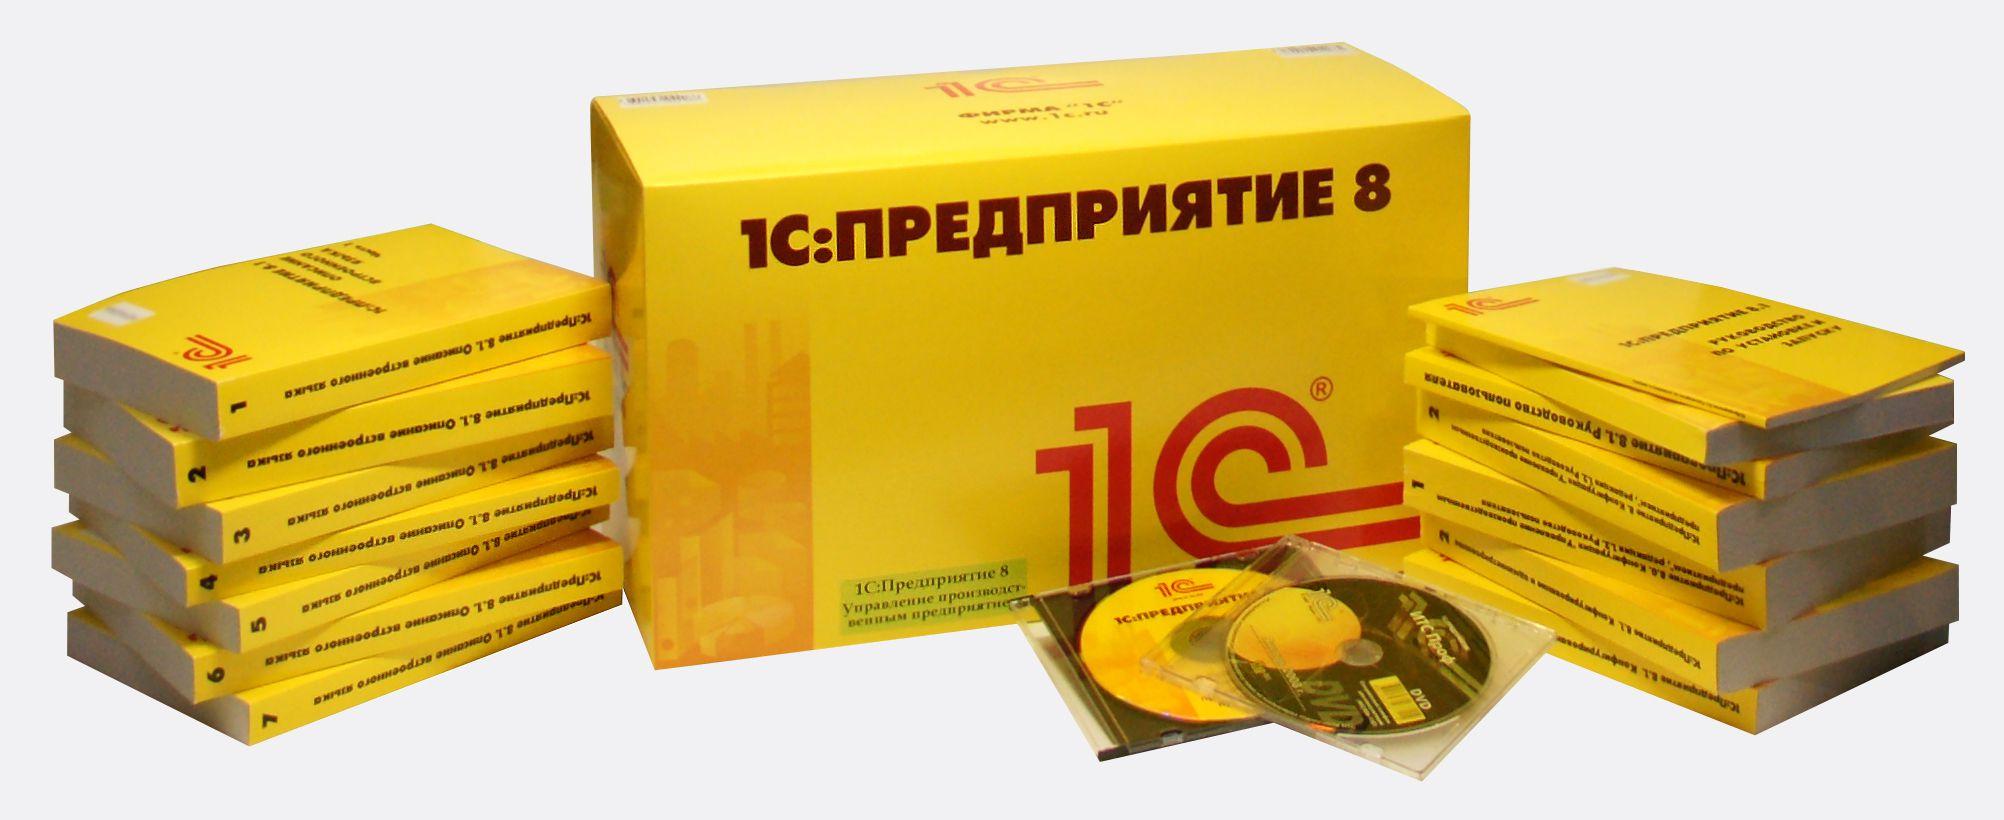 Размер 391,71 MB, Rus, Cracked Состав архива 1С 8.2 Конфигурация